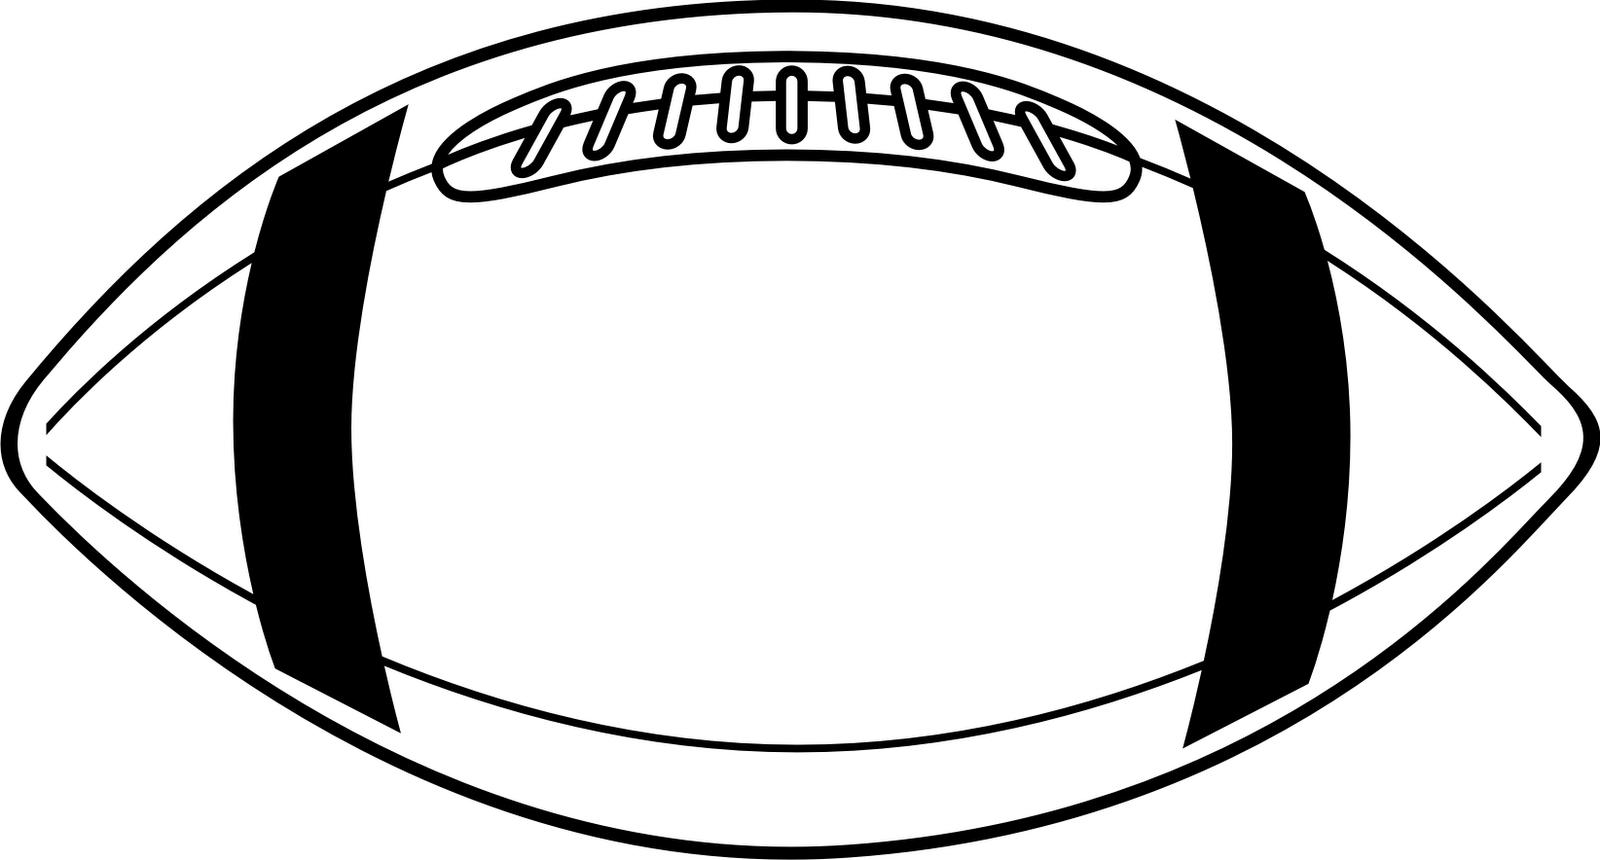 Vector Football Outline